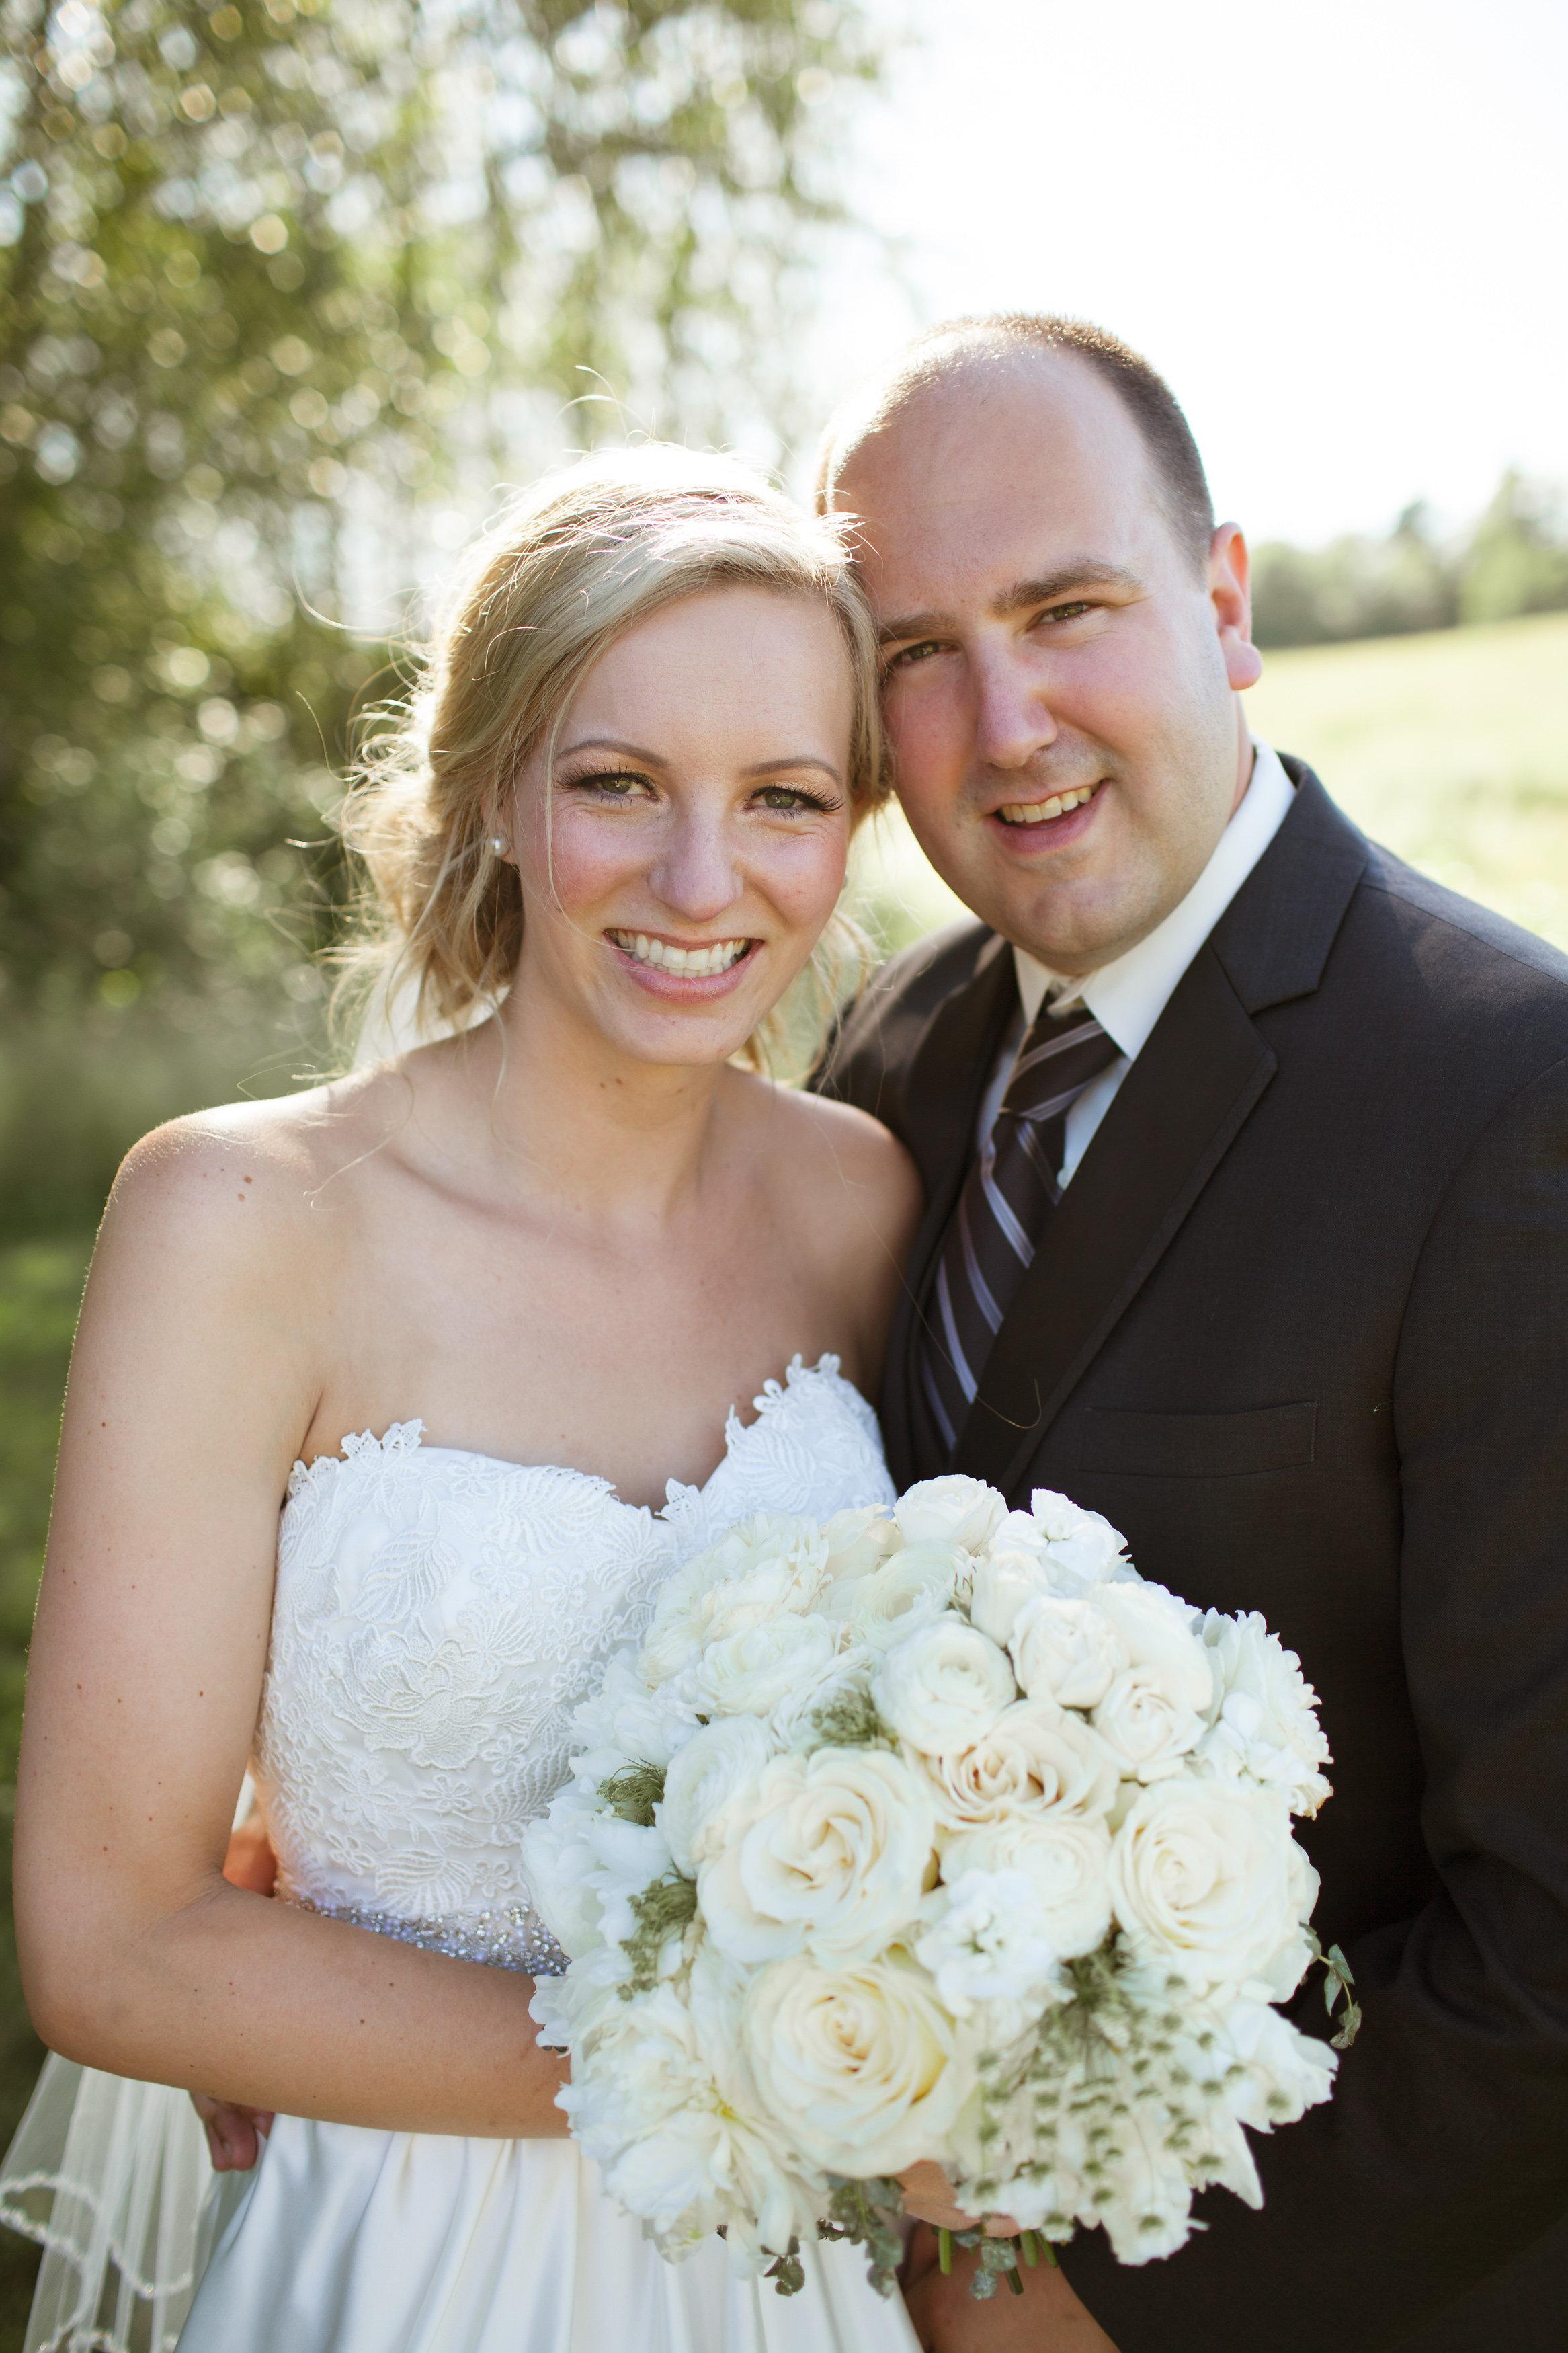 RyanMichelle-wedding-MarkBurnham-461.jpg